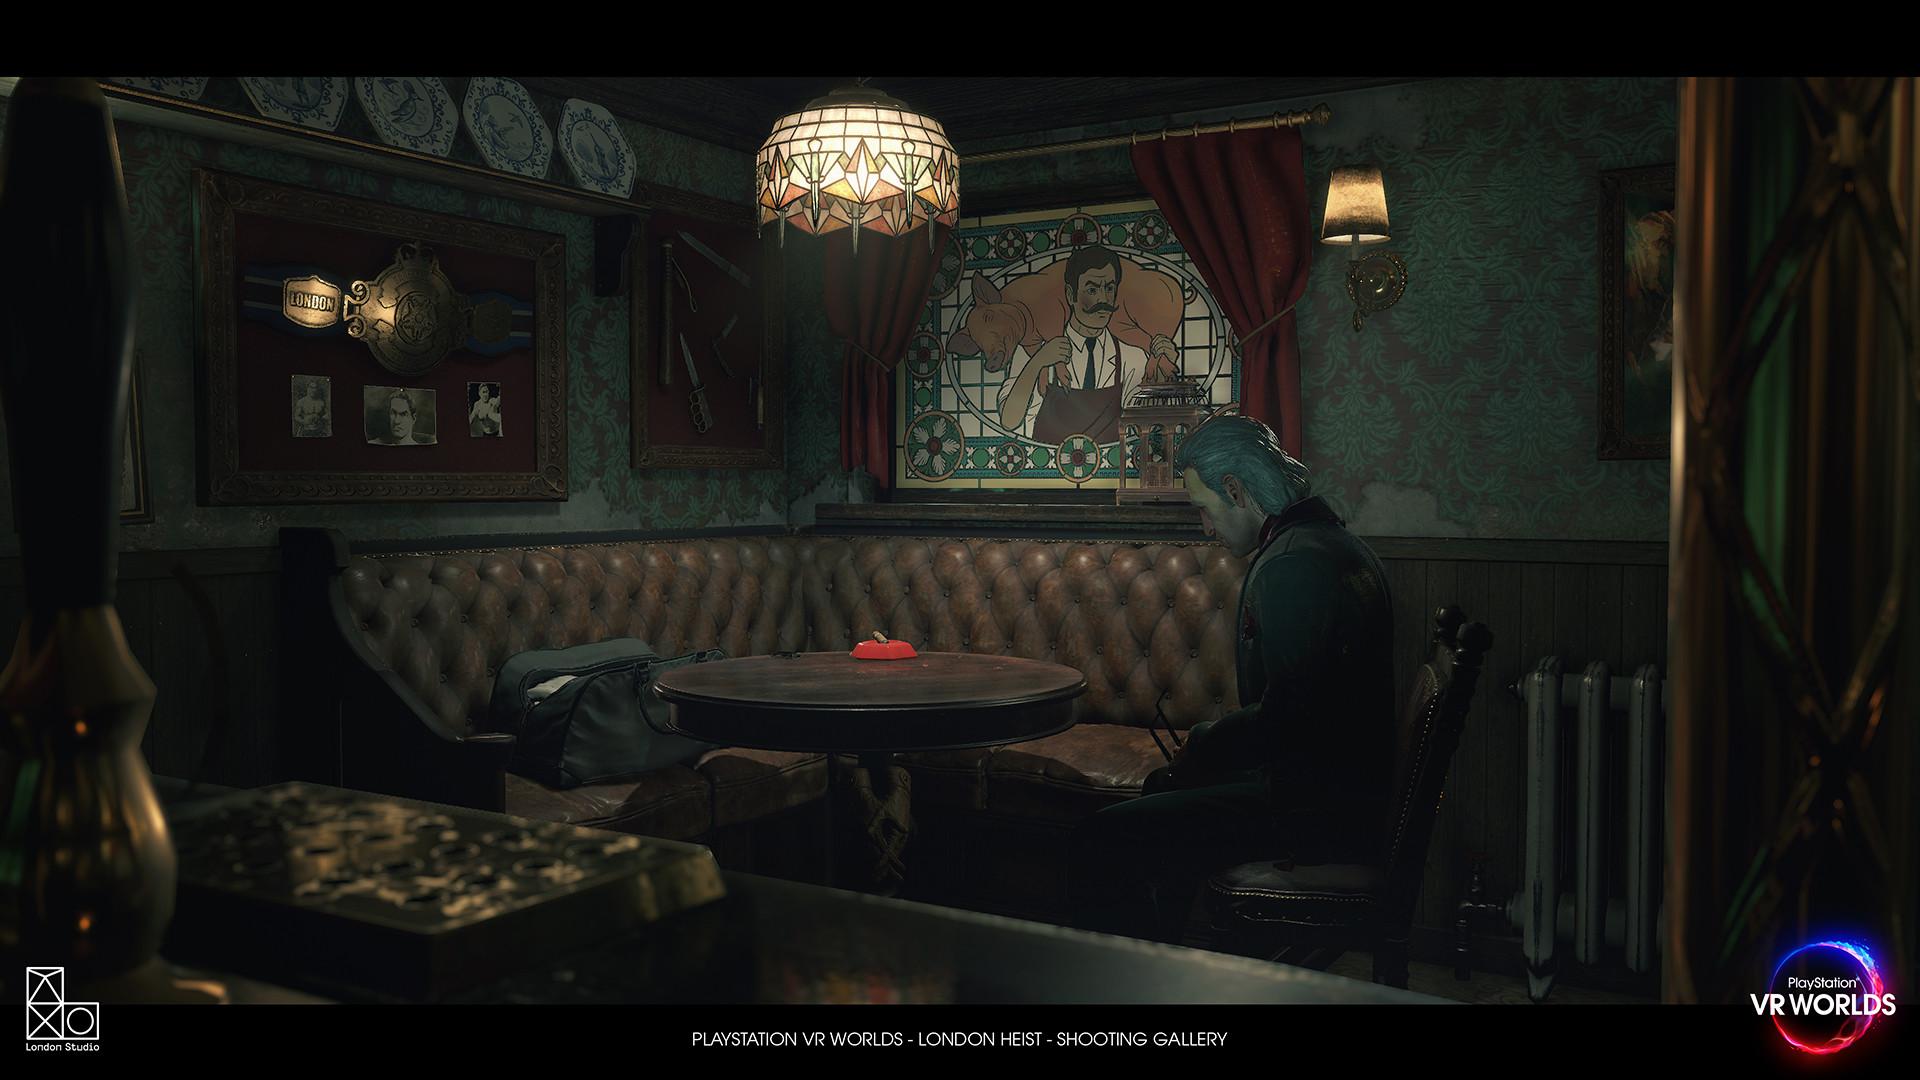 David nicholls pub 002